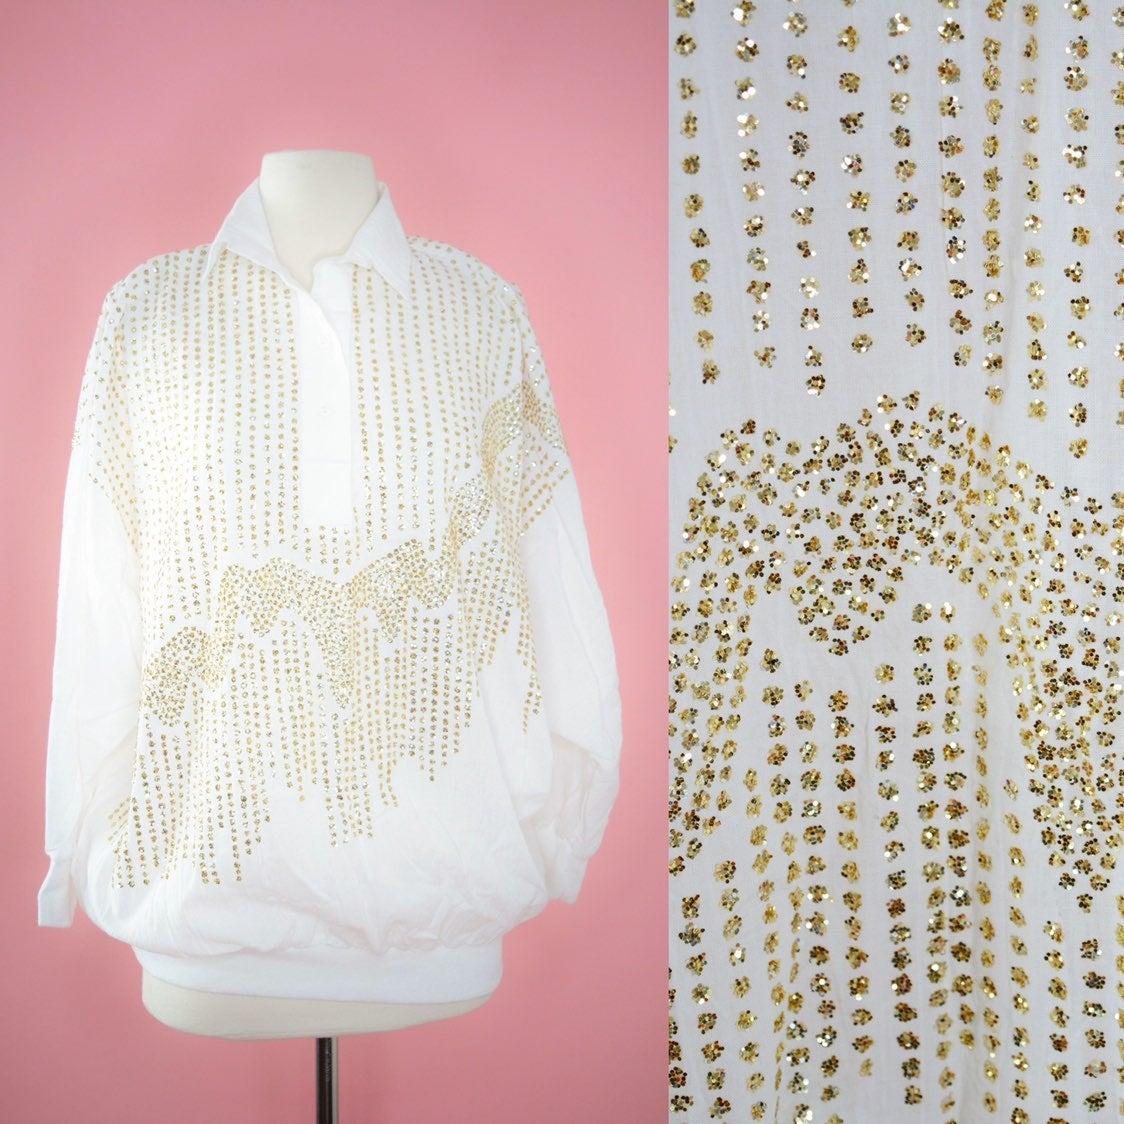 Vintage White & Gold Sparkle Top